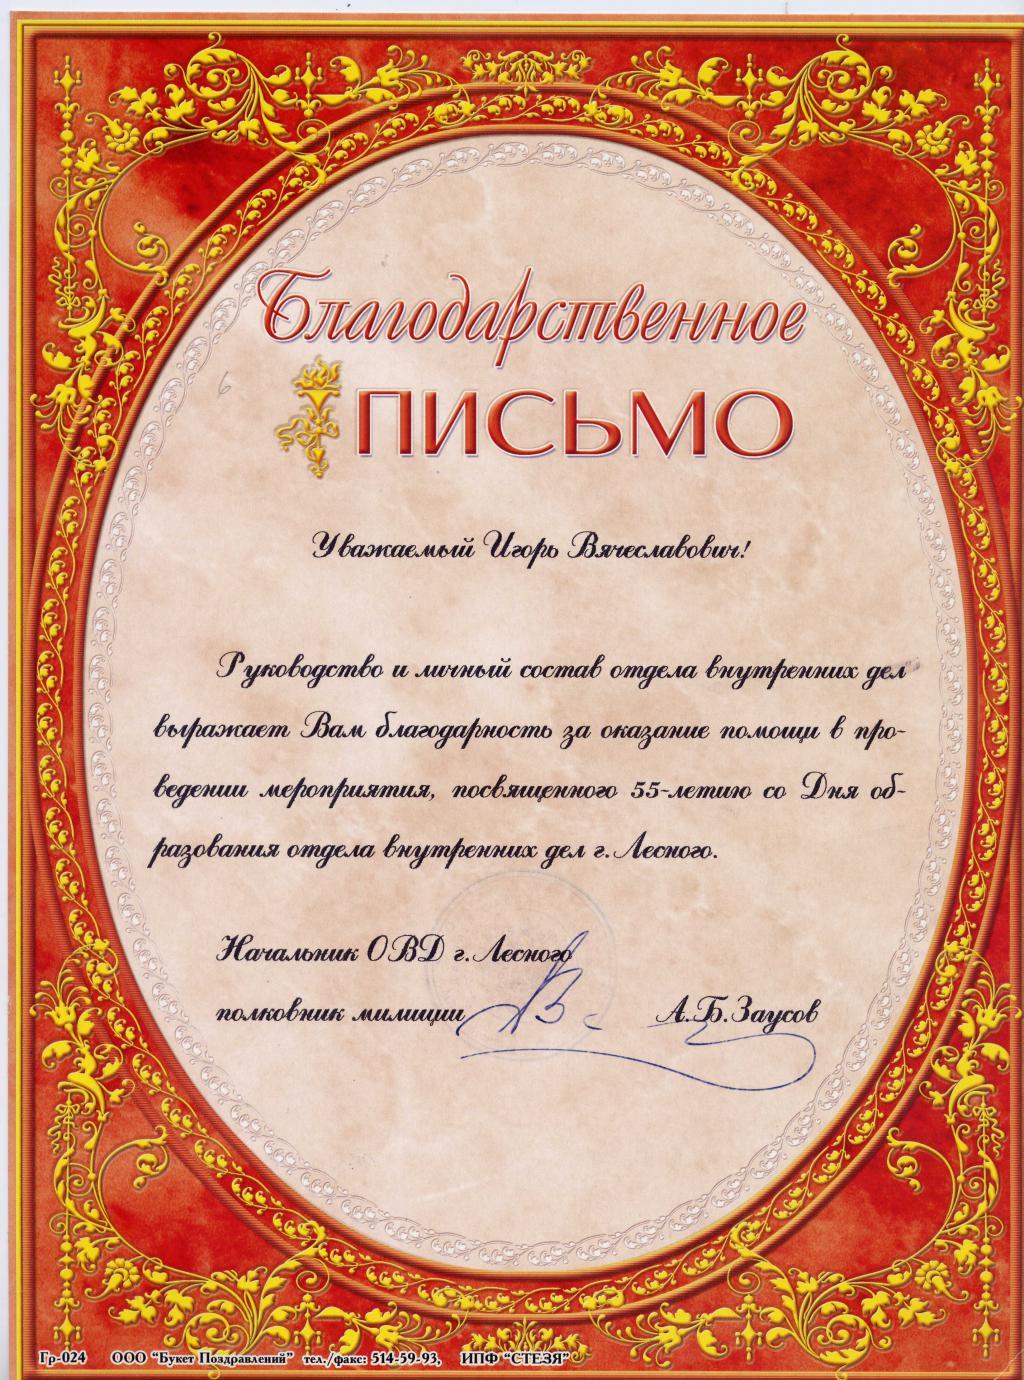 Награды и дипломы